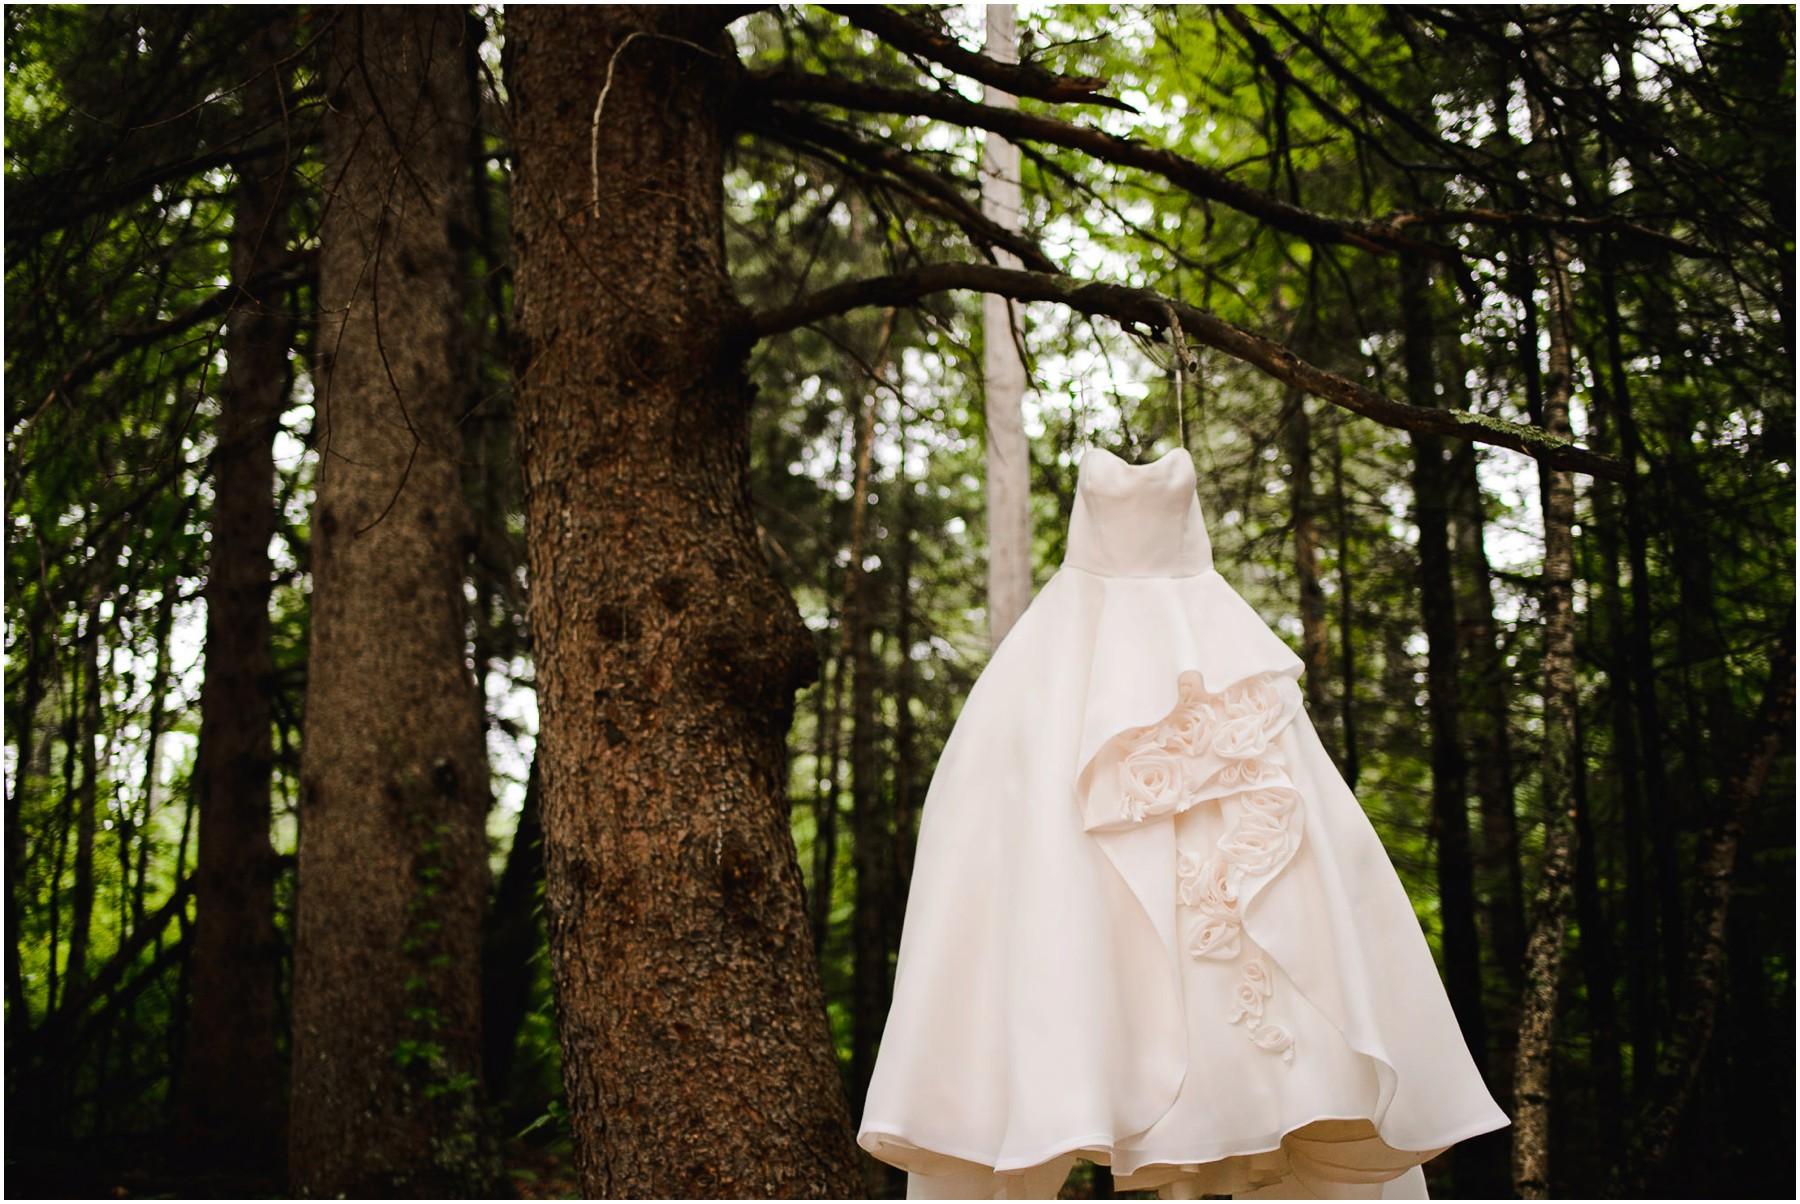 wedding dress hangs in North Woods trees